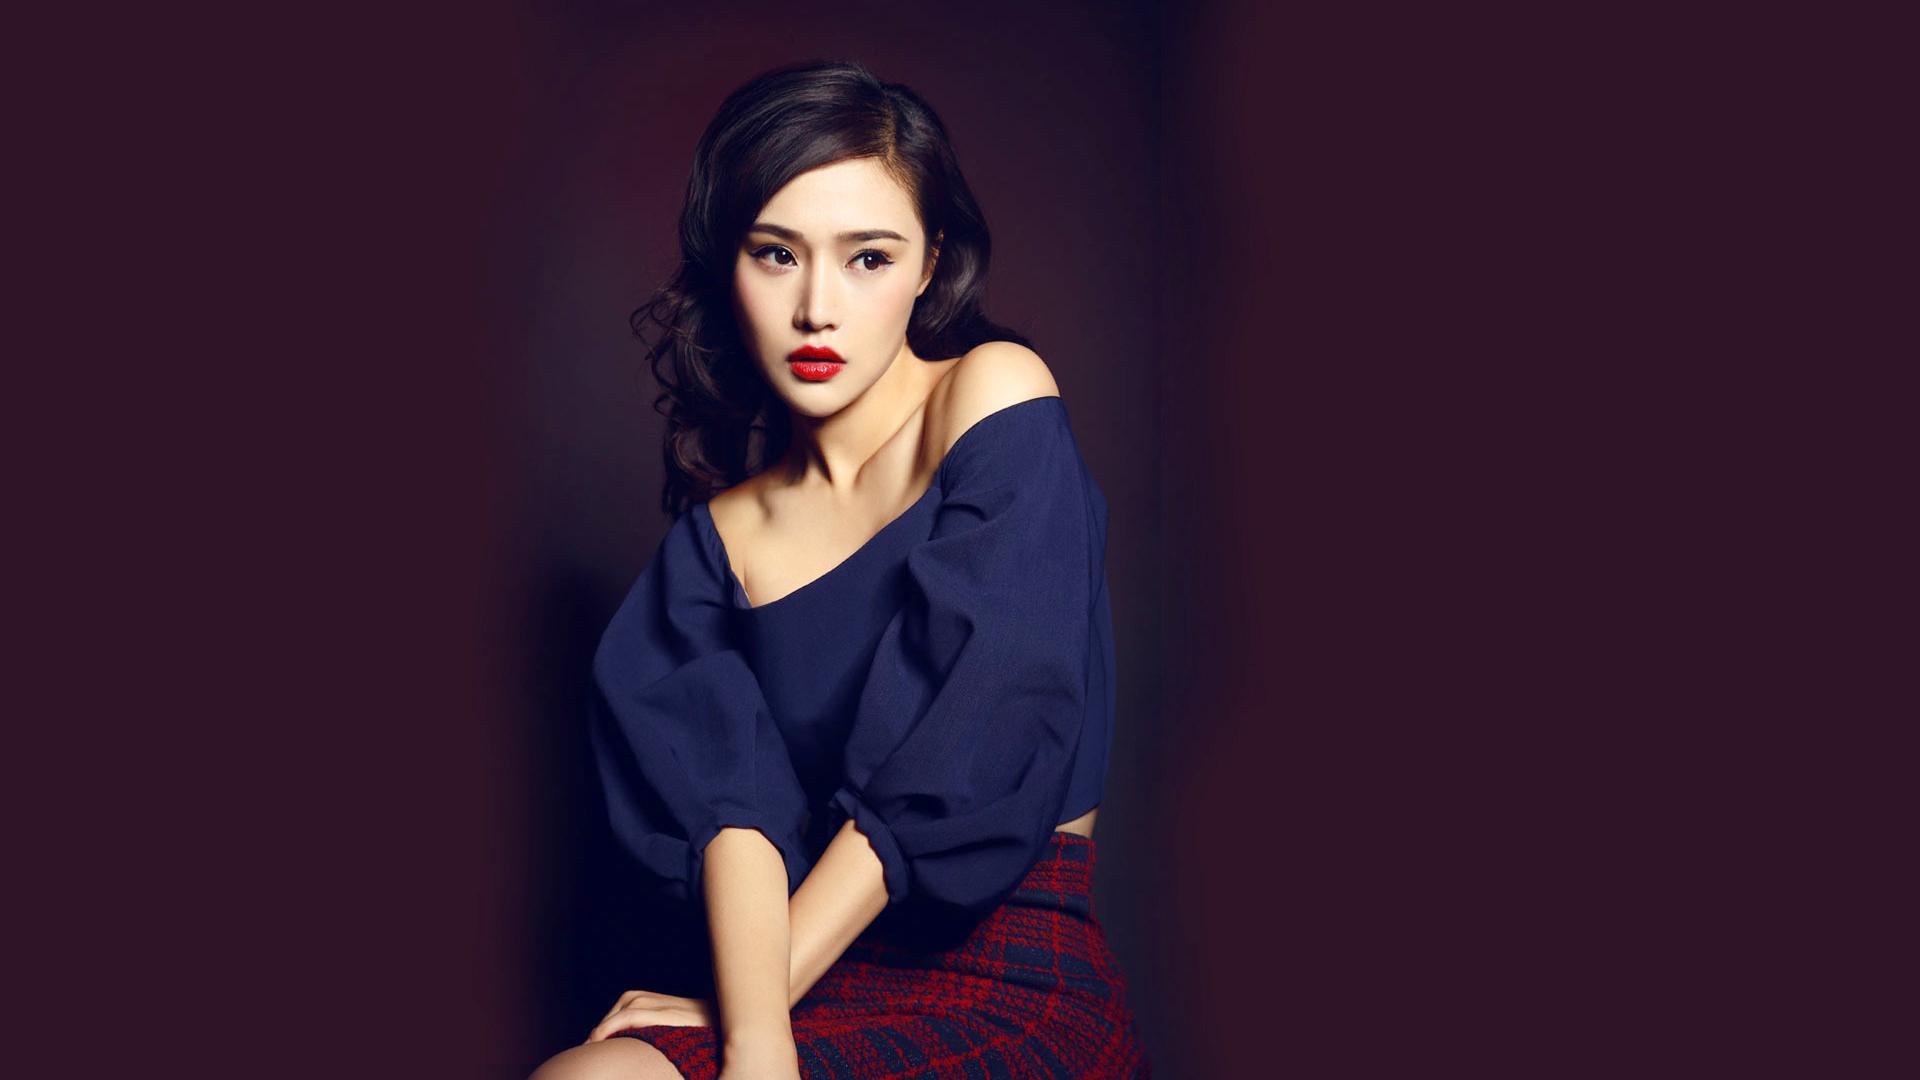 亚洲美女   群芳斗艳1 - 花開有聲 - 花開有聲